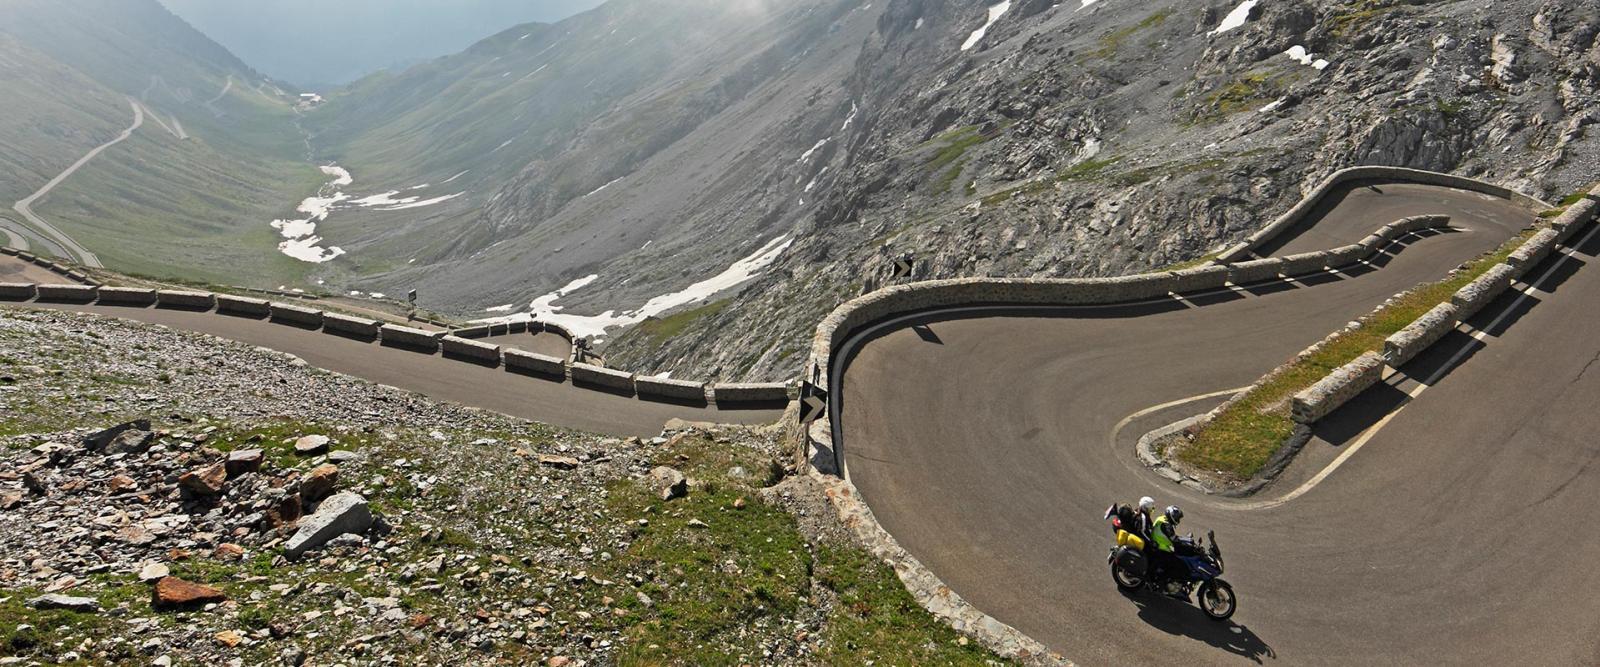 motorradtouren planen online